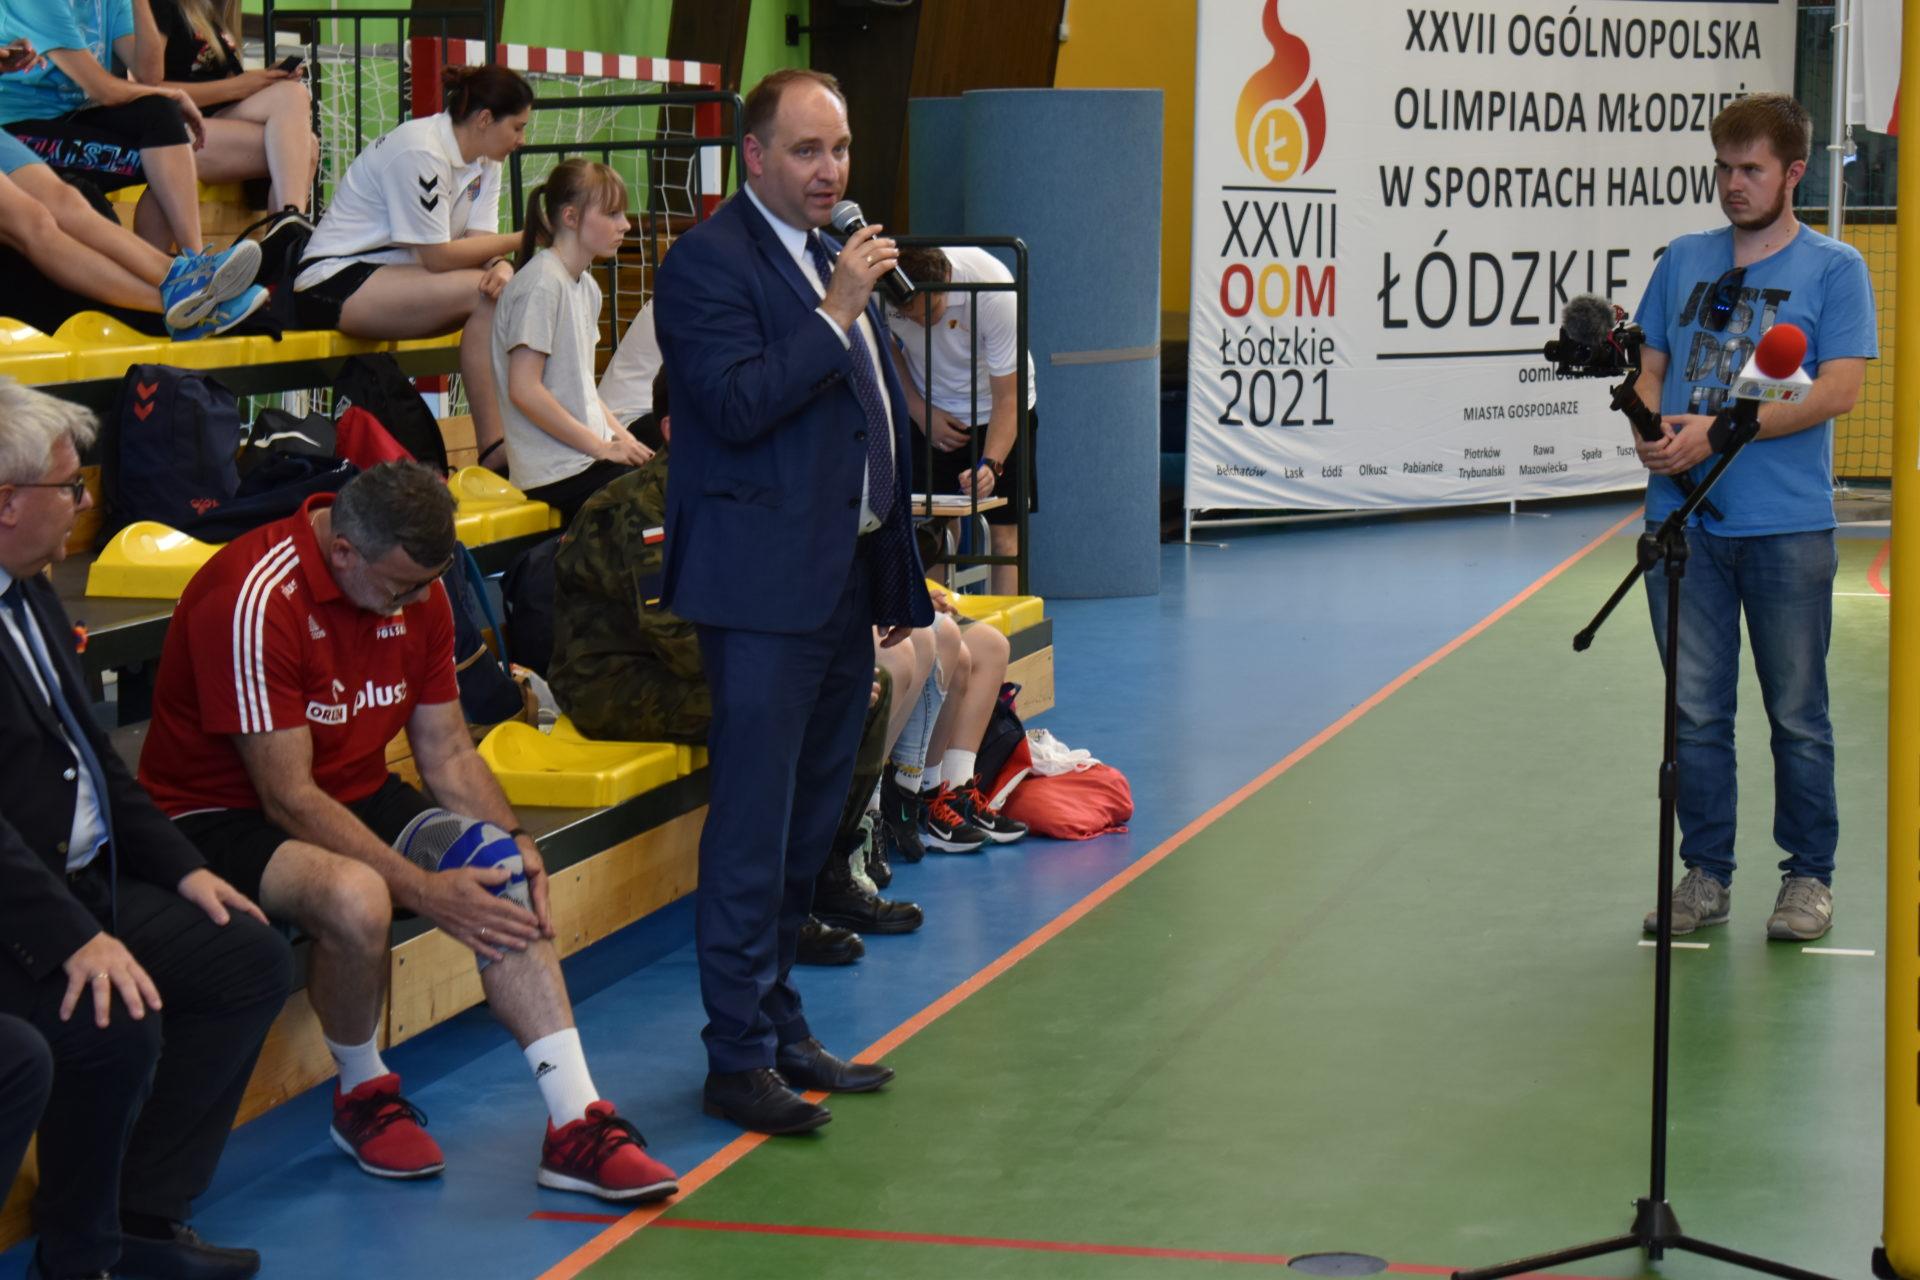 XXVII Ogólnopolska Olimpiada Młodzieży w Sportach Halowych Łódzkie 2021